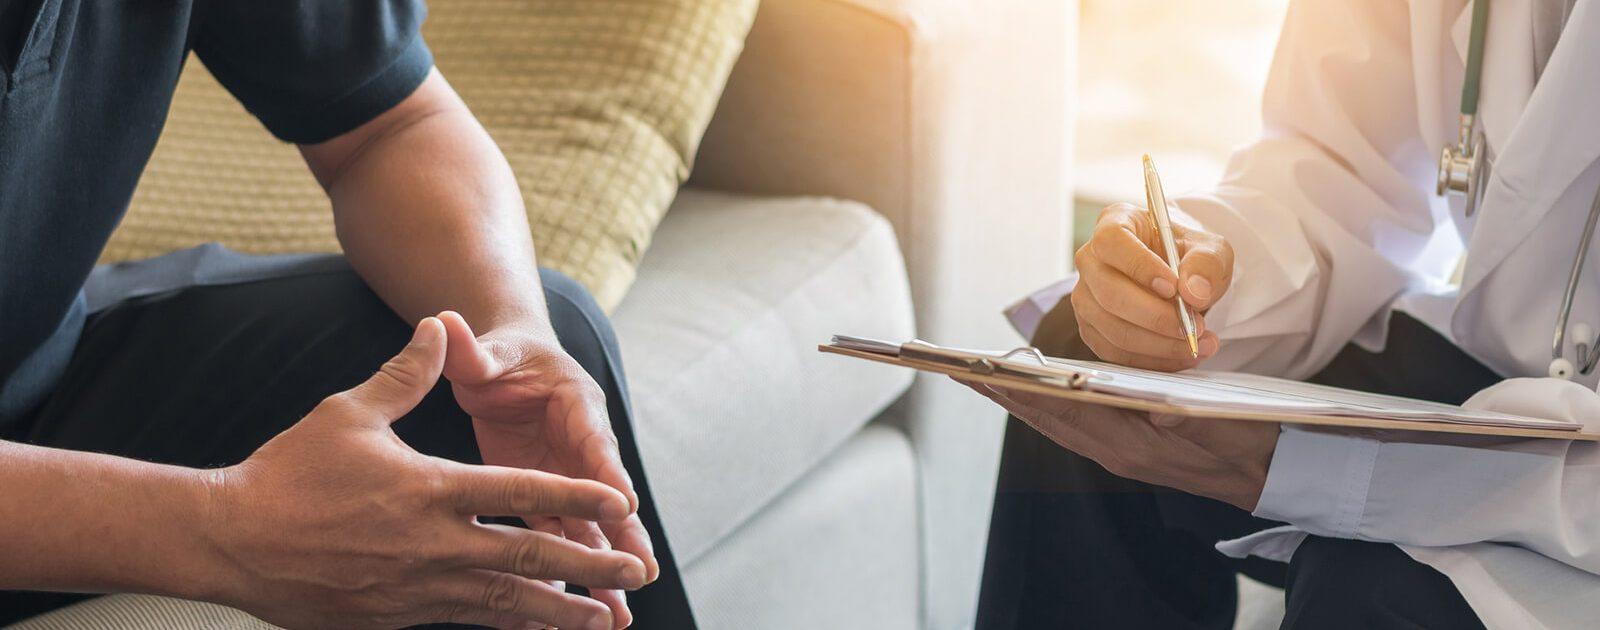 Arzt diagnostiziert Prostatakrebs bei einem Mann